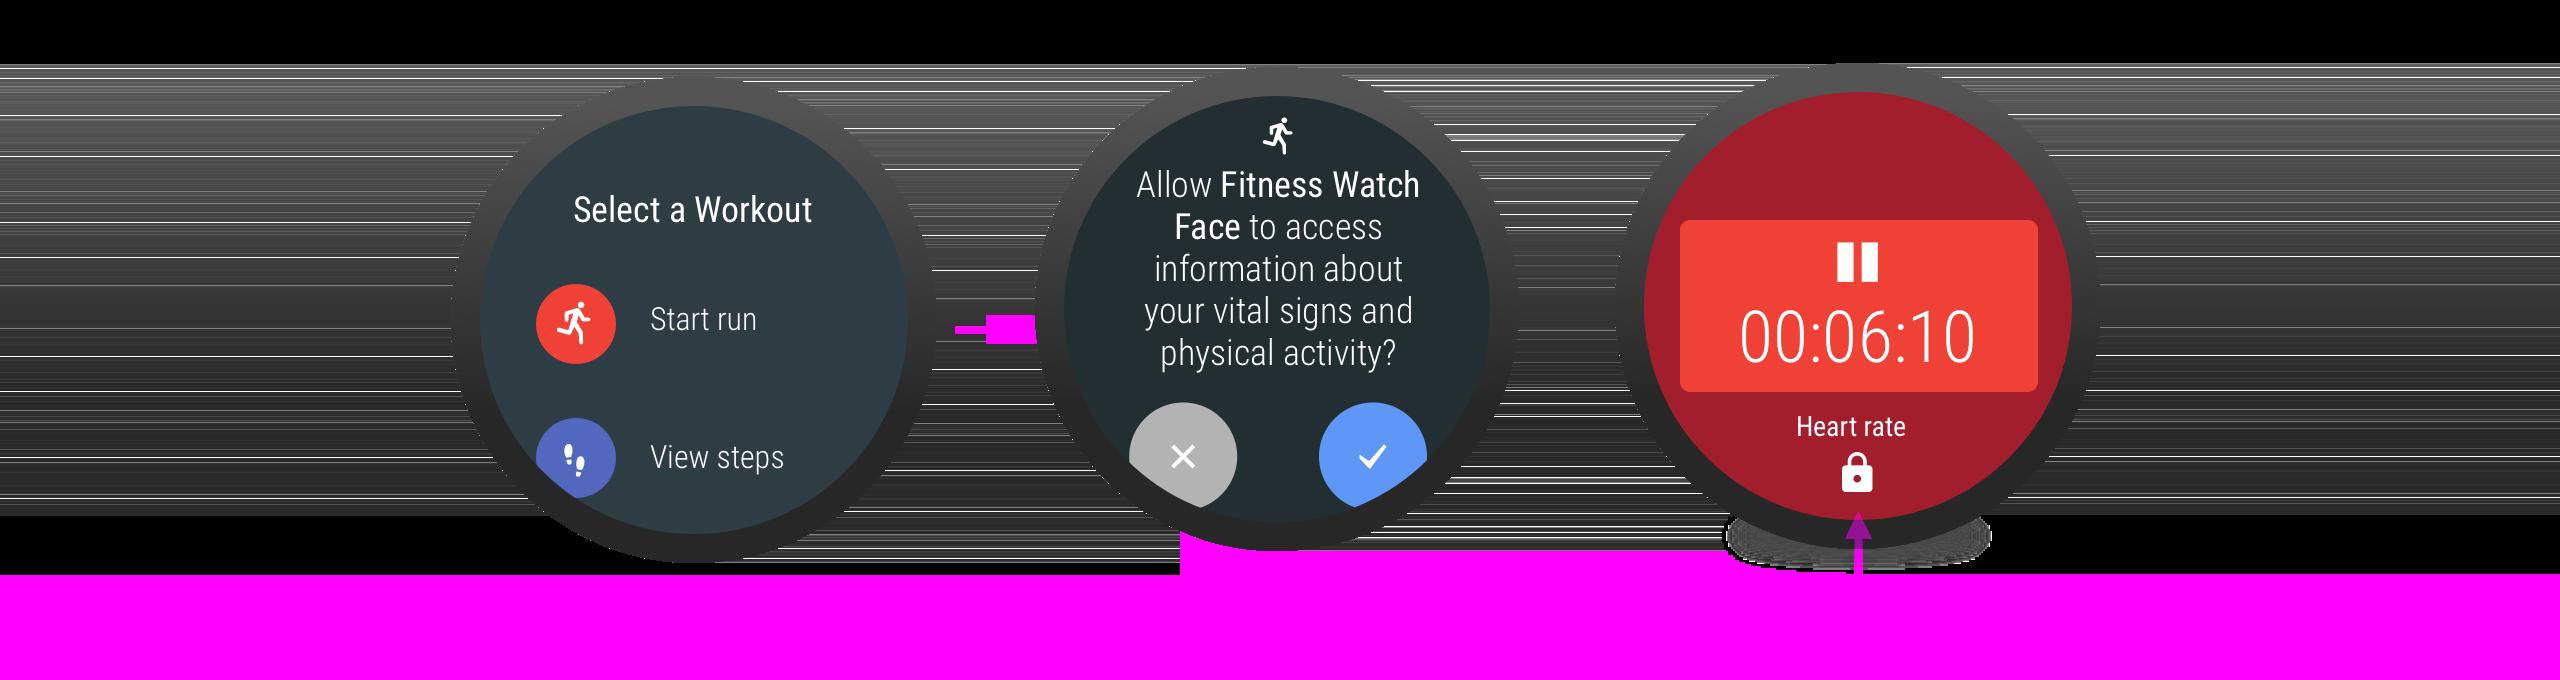 Ketika pengguna menolak izin, ikon gembok akan ditampilkan bersama dengan fitur terkait.